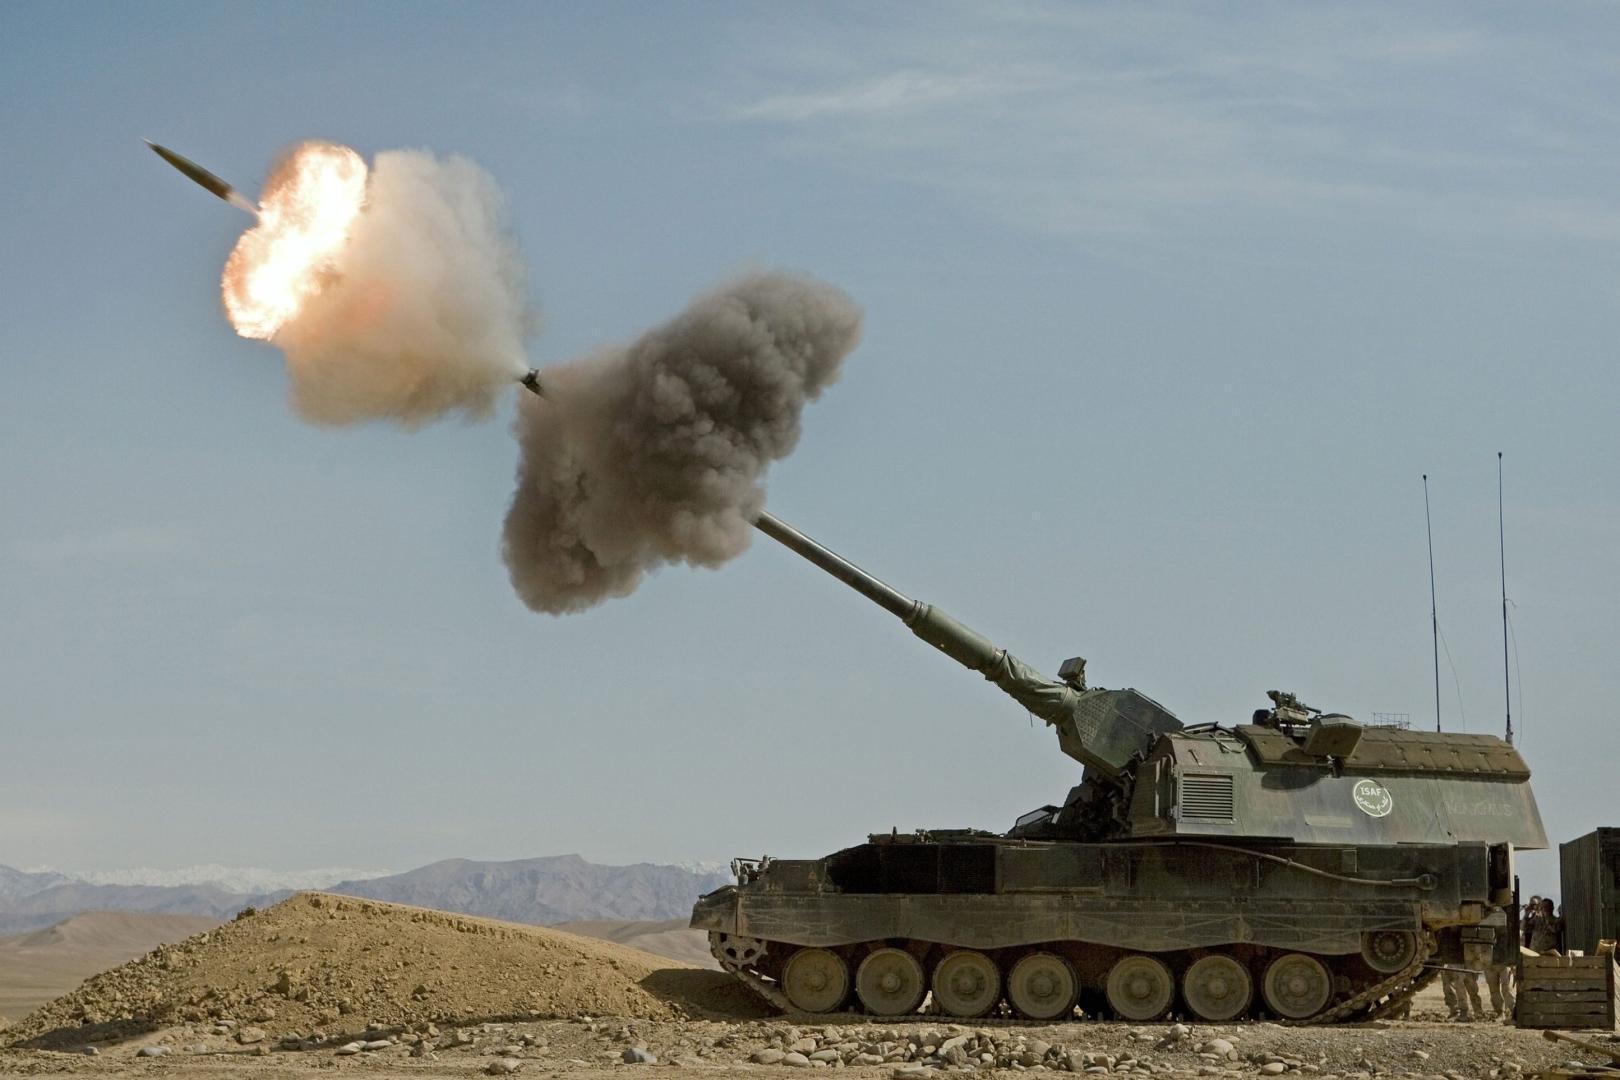 Germania trimite sistemele de artilerie PZH 2000 pentru a descuraja o invazie rusă în statele baltice